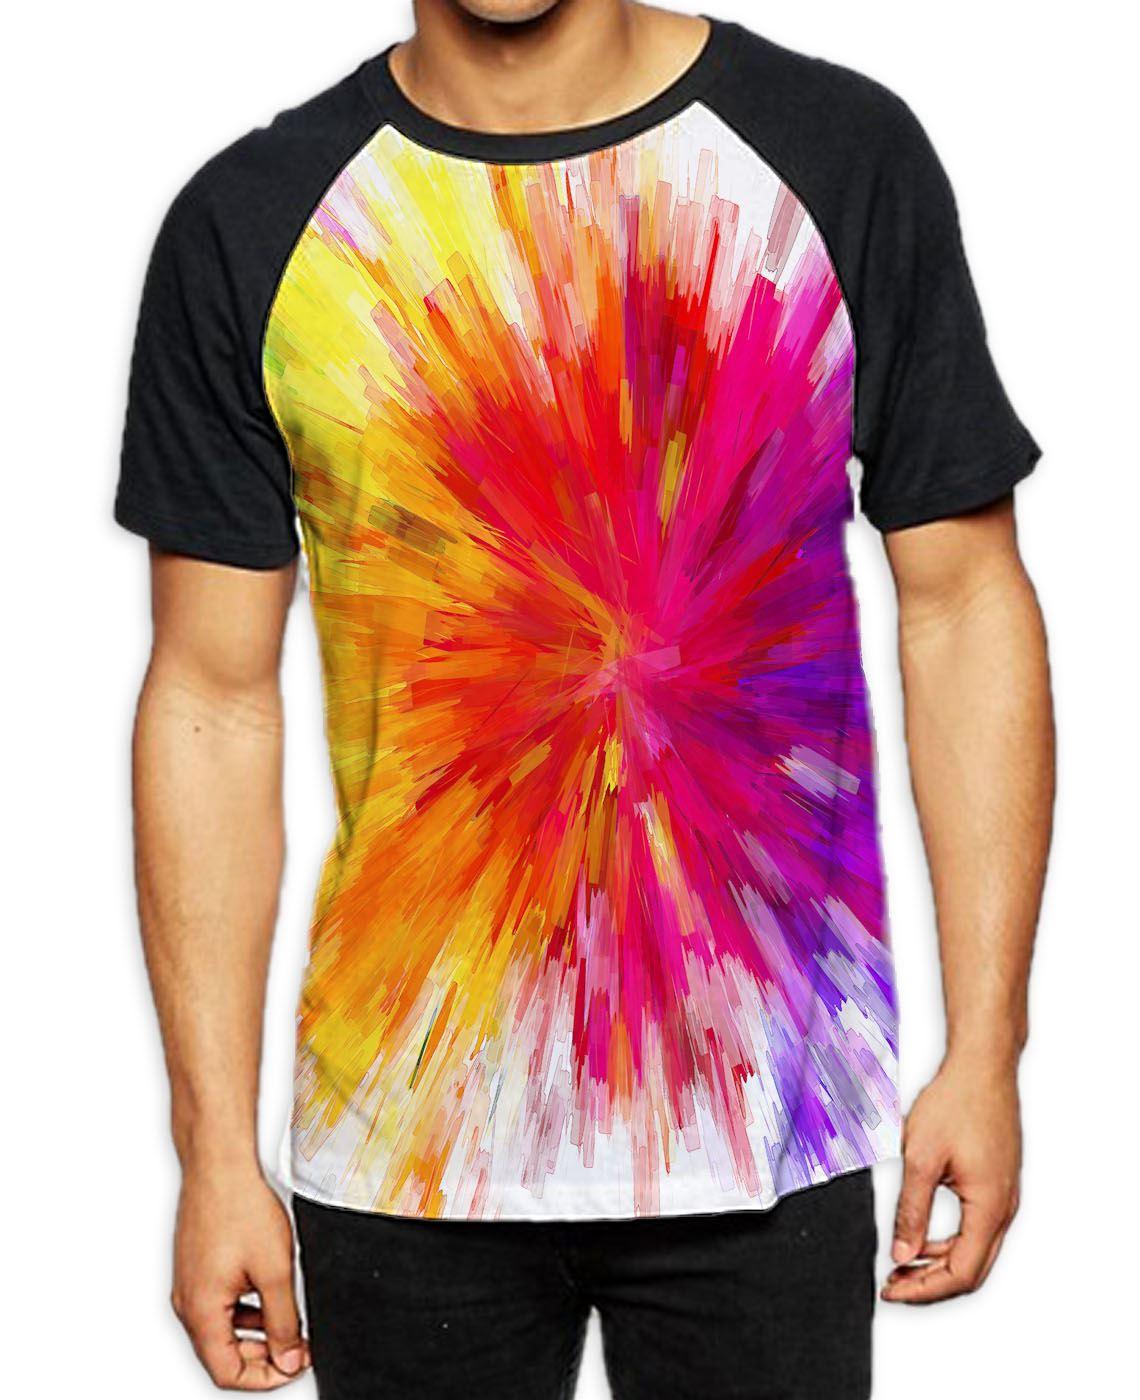 Embrace Life Art T-Shirt Abstract Rainbow Skull Mountain Deer Spiritual E025